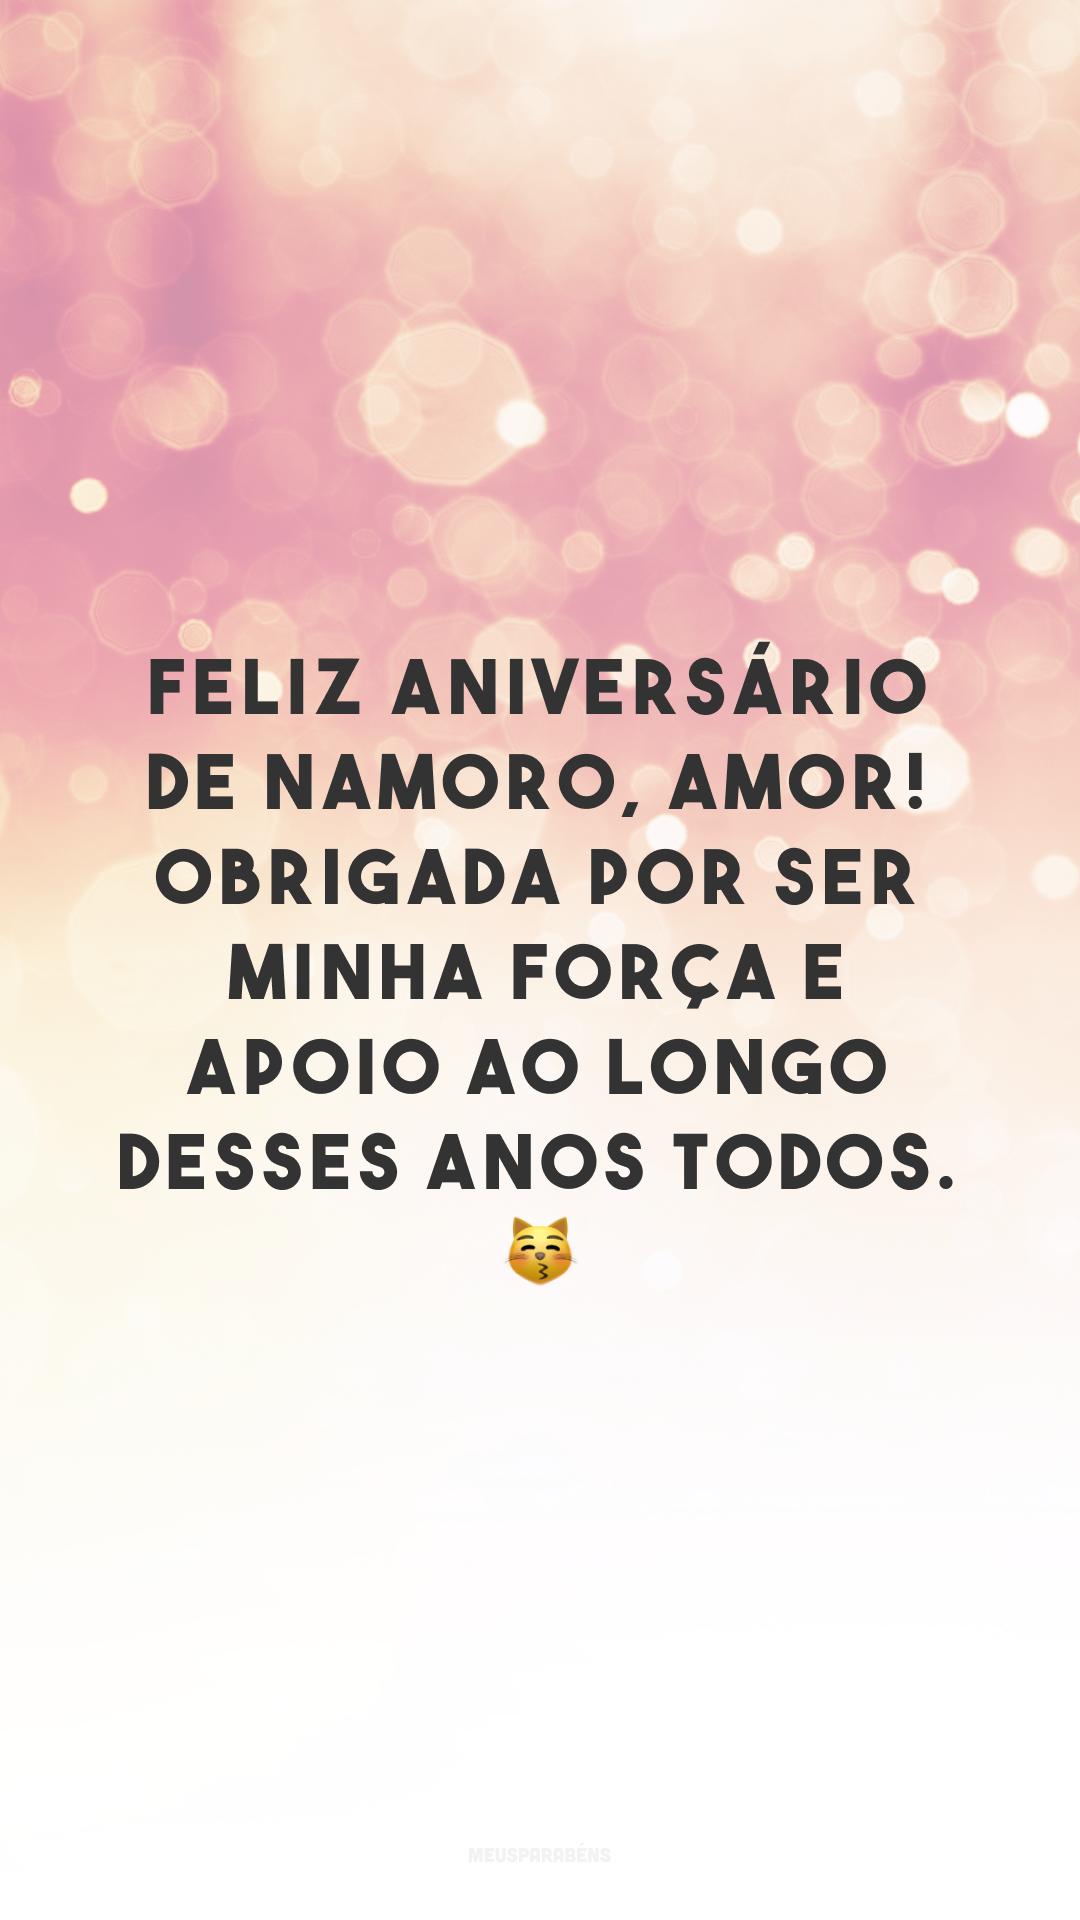 Feliz aniversário de namoro, amor! Obrigada por ser minha força e apoio ao longo desses anos todos. 😽